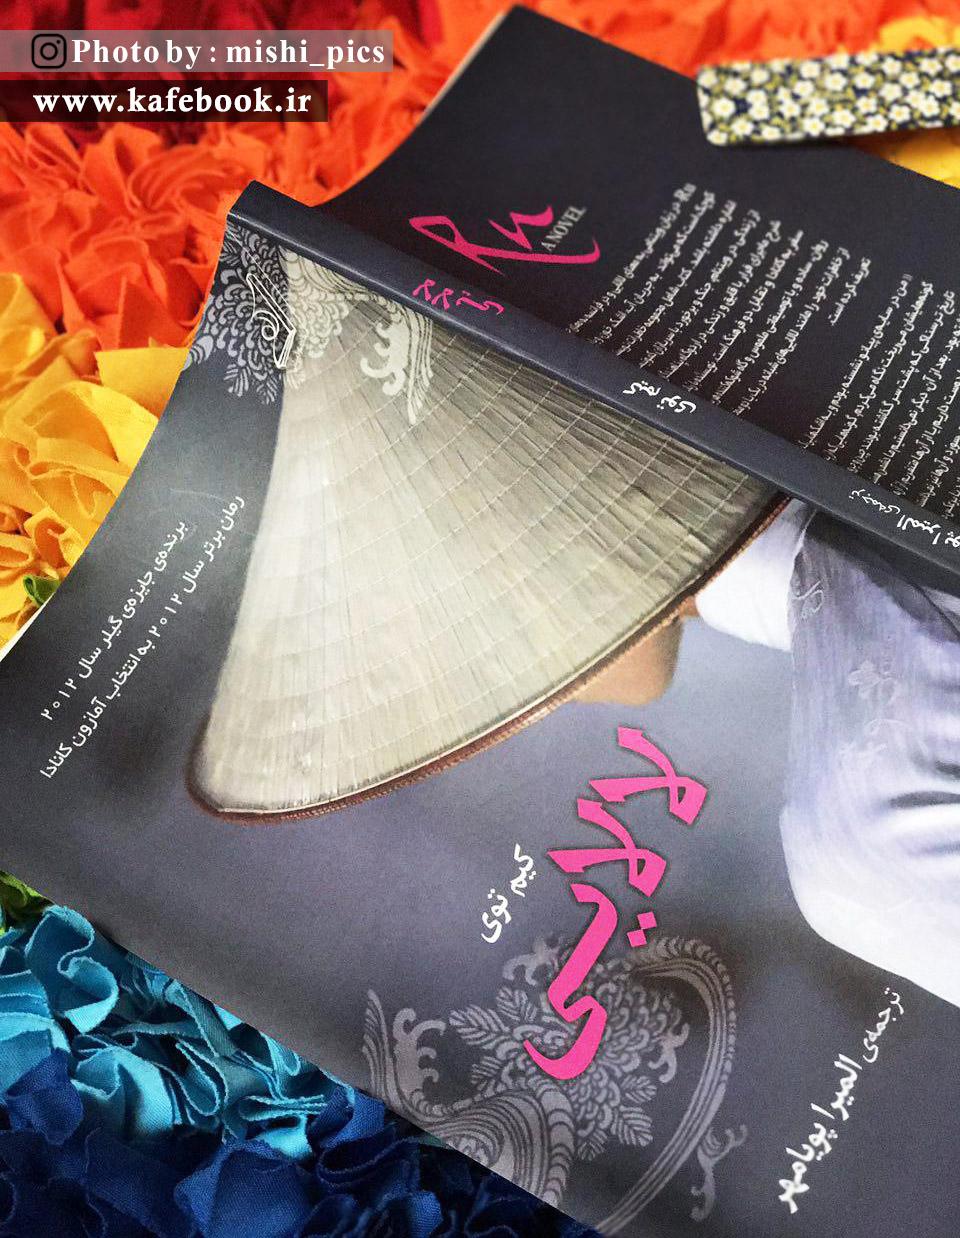 کتاب لالایی - معرفی کتاب لالایی از نشر کوله پشتی